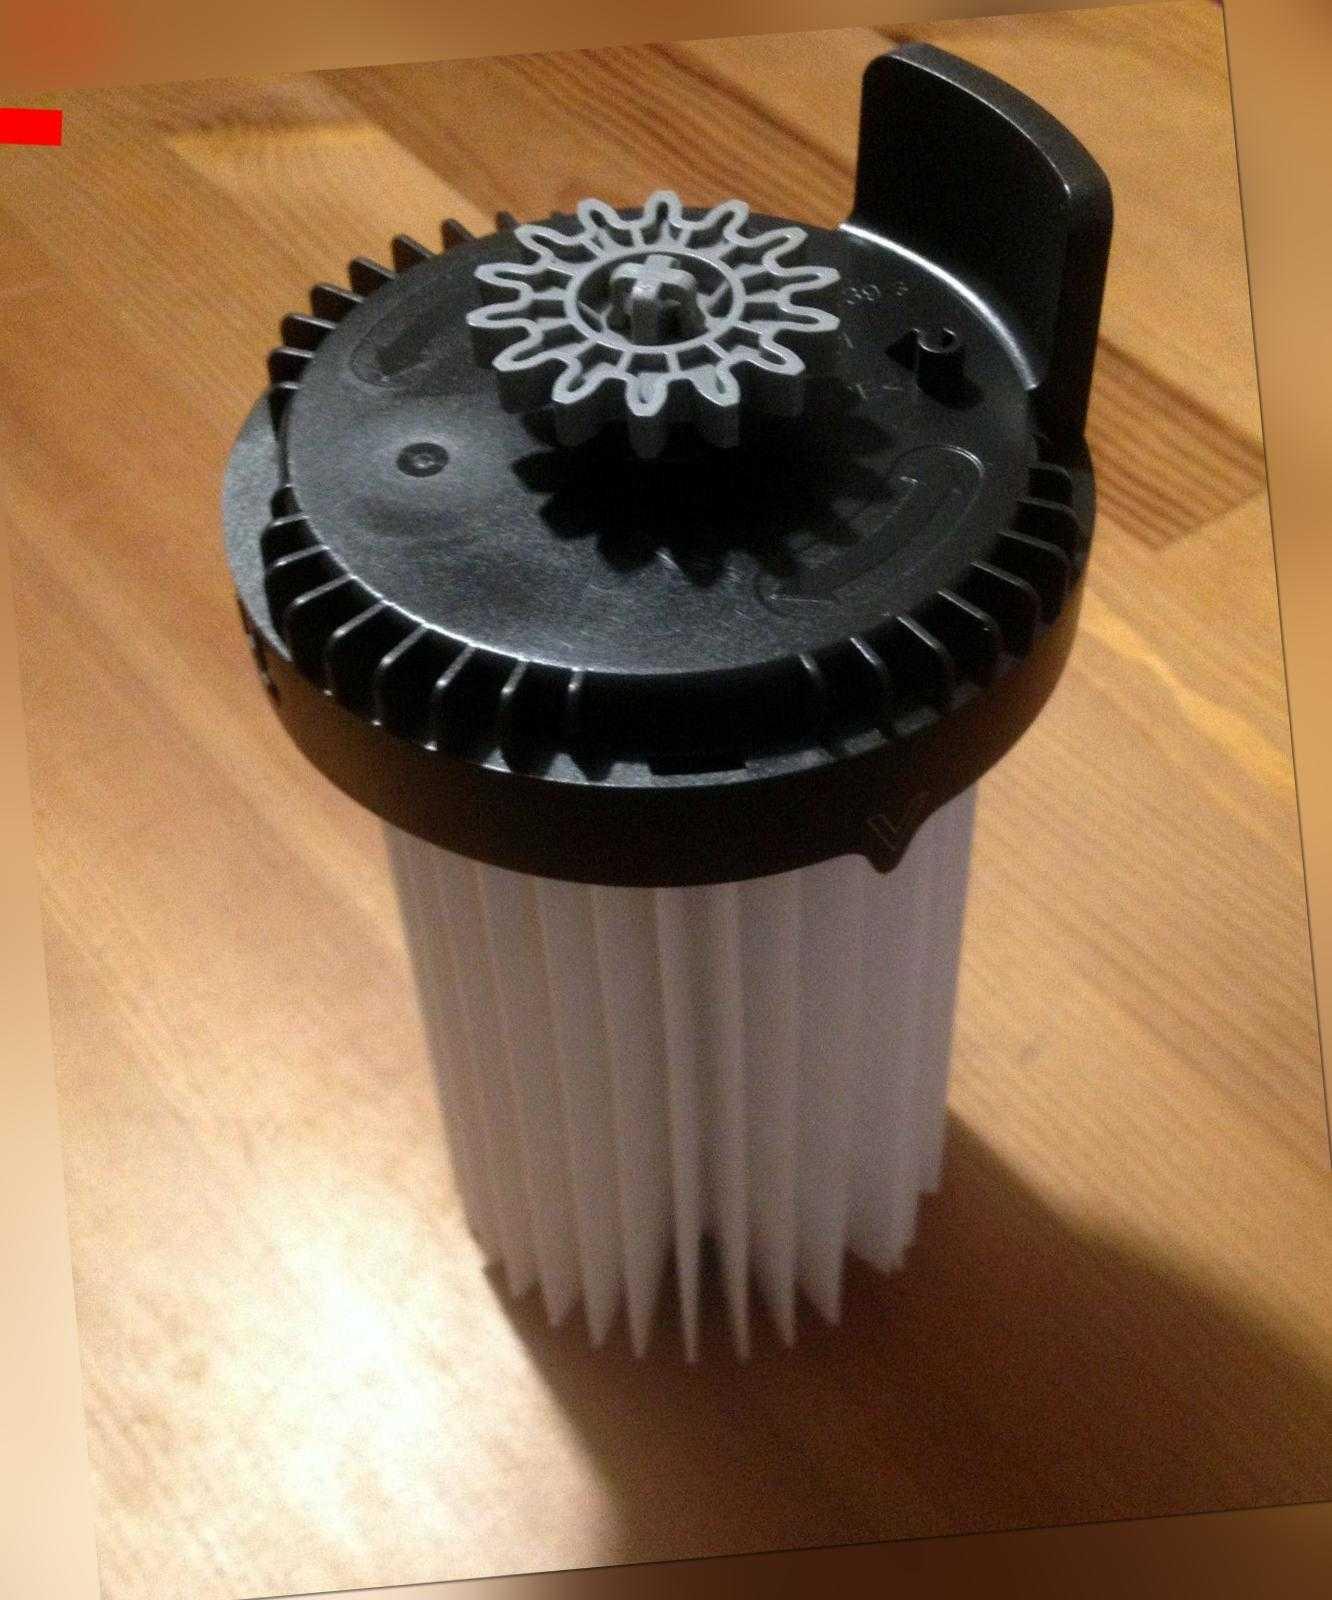 Original MIELE Staubbehälter Feinstaub Filter für Staubsauger Blizzard CX1 NEU